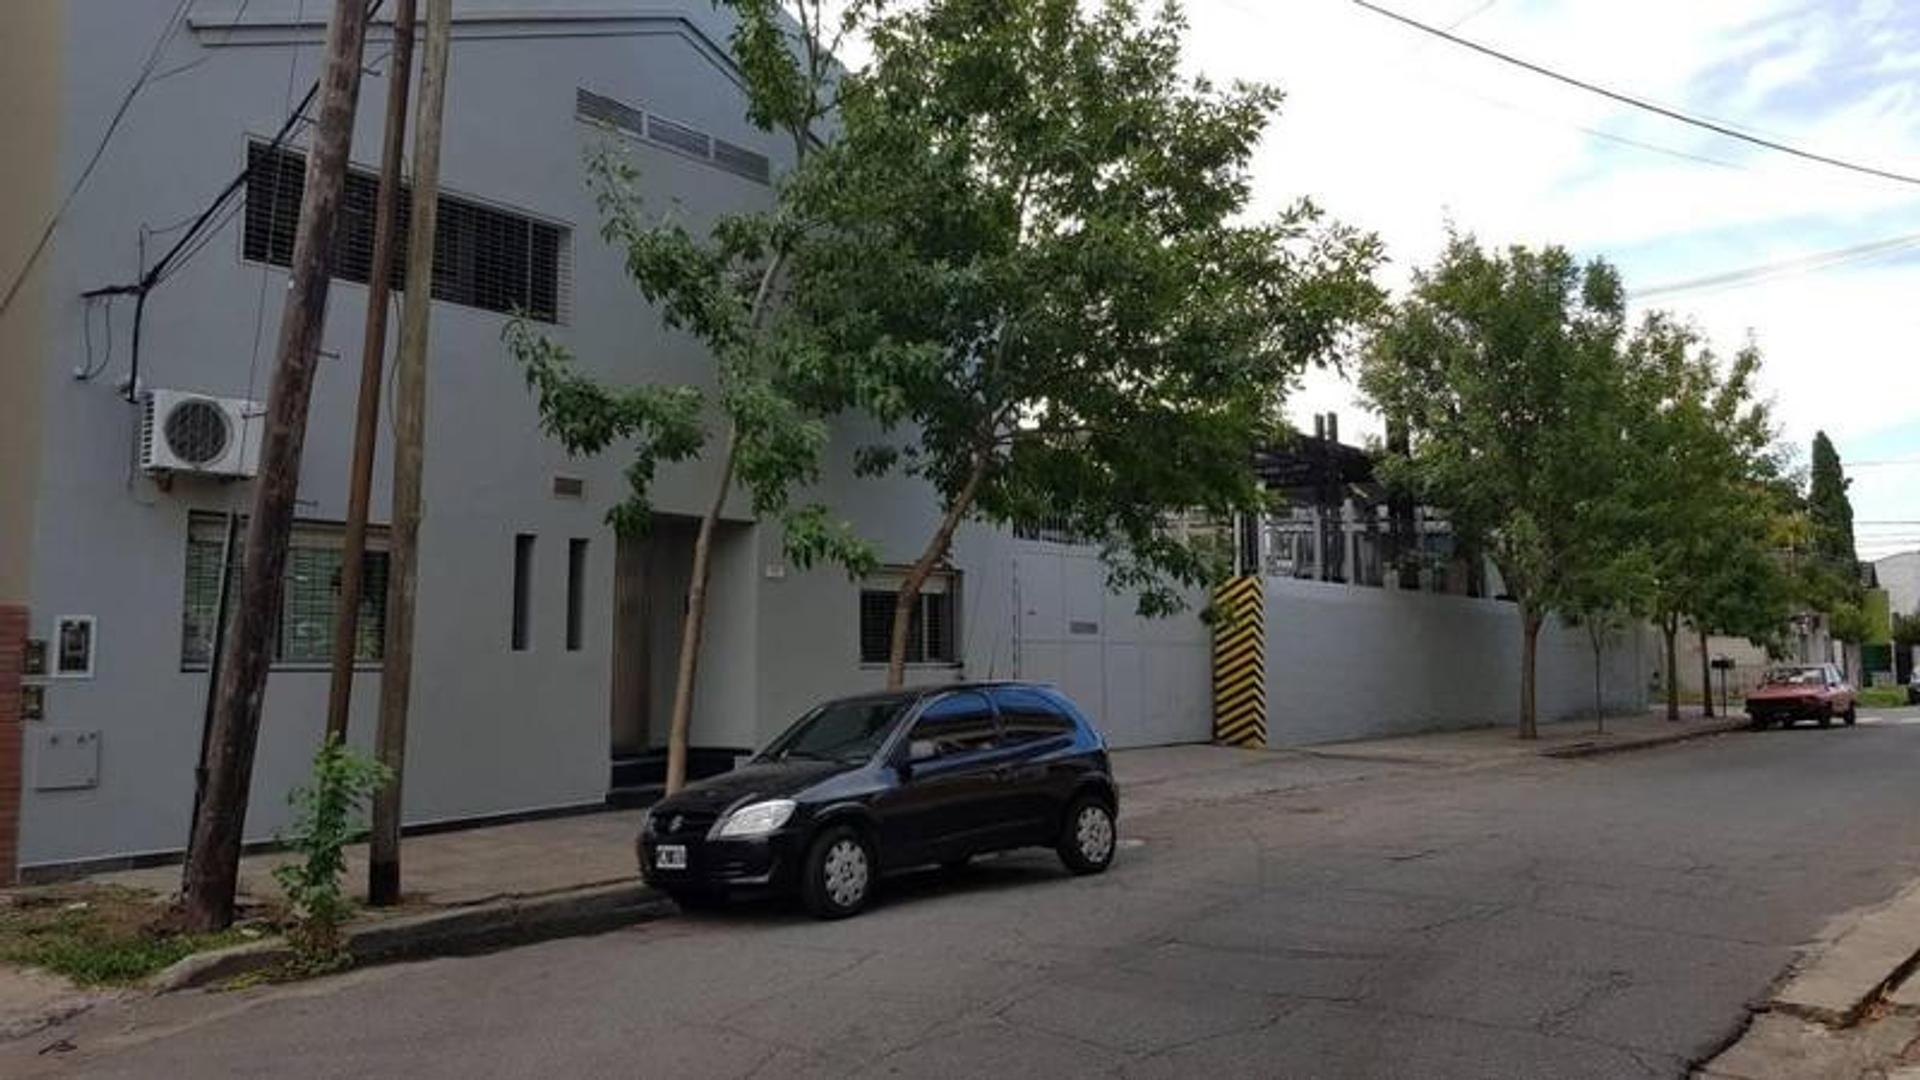 Importantisima planta industrial y oficinas clase ABC1, Zona I1 en exc estado!!!